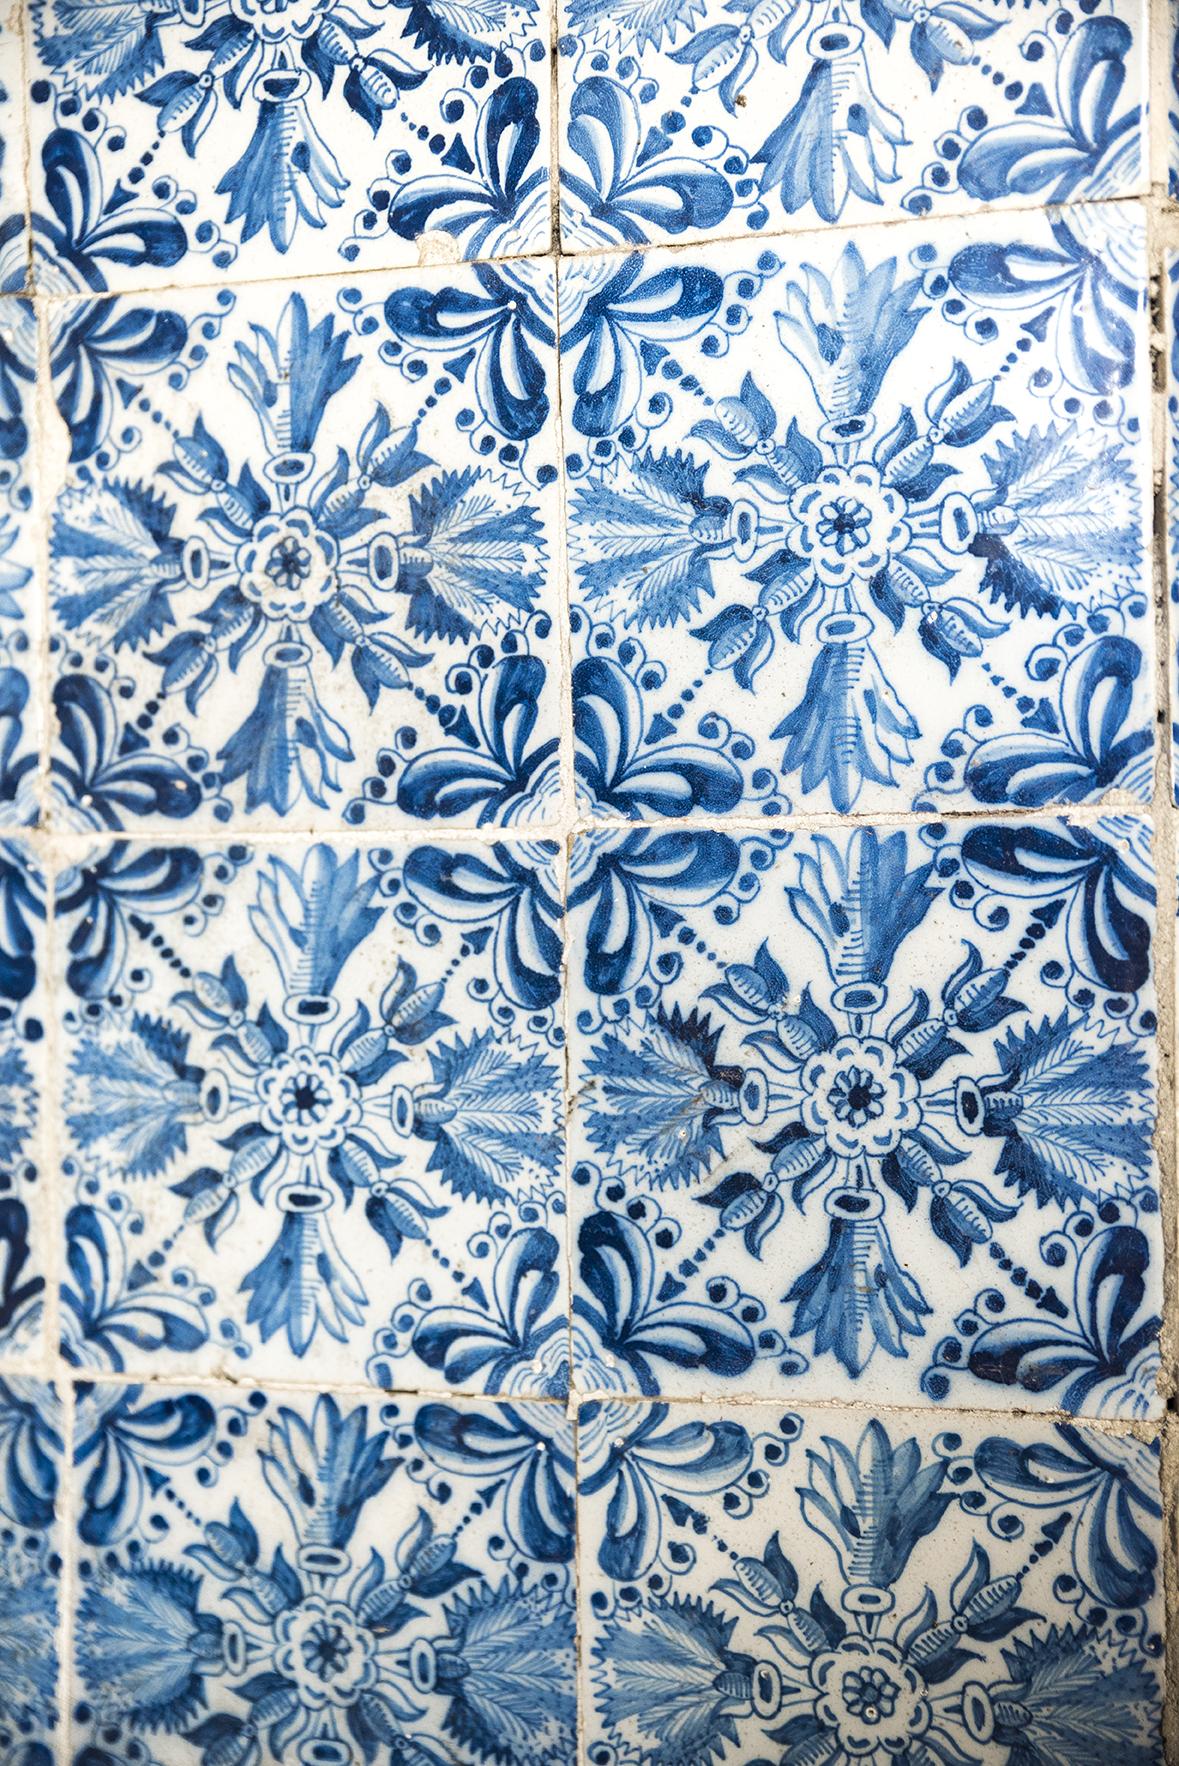 Rentmeesterij, Alden Biesen - Details.  024.jpg